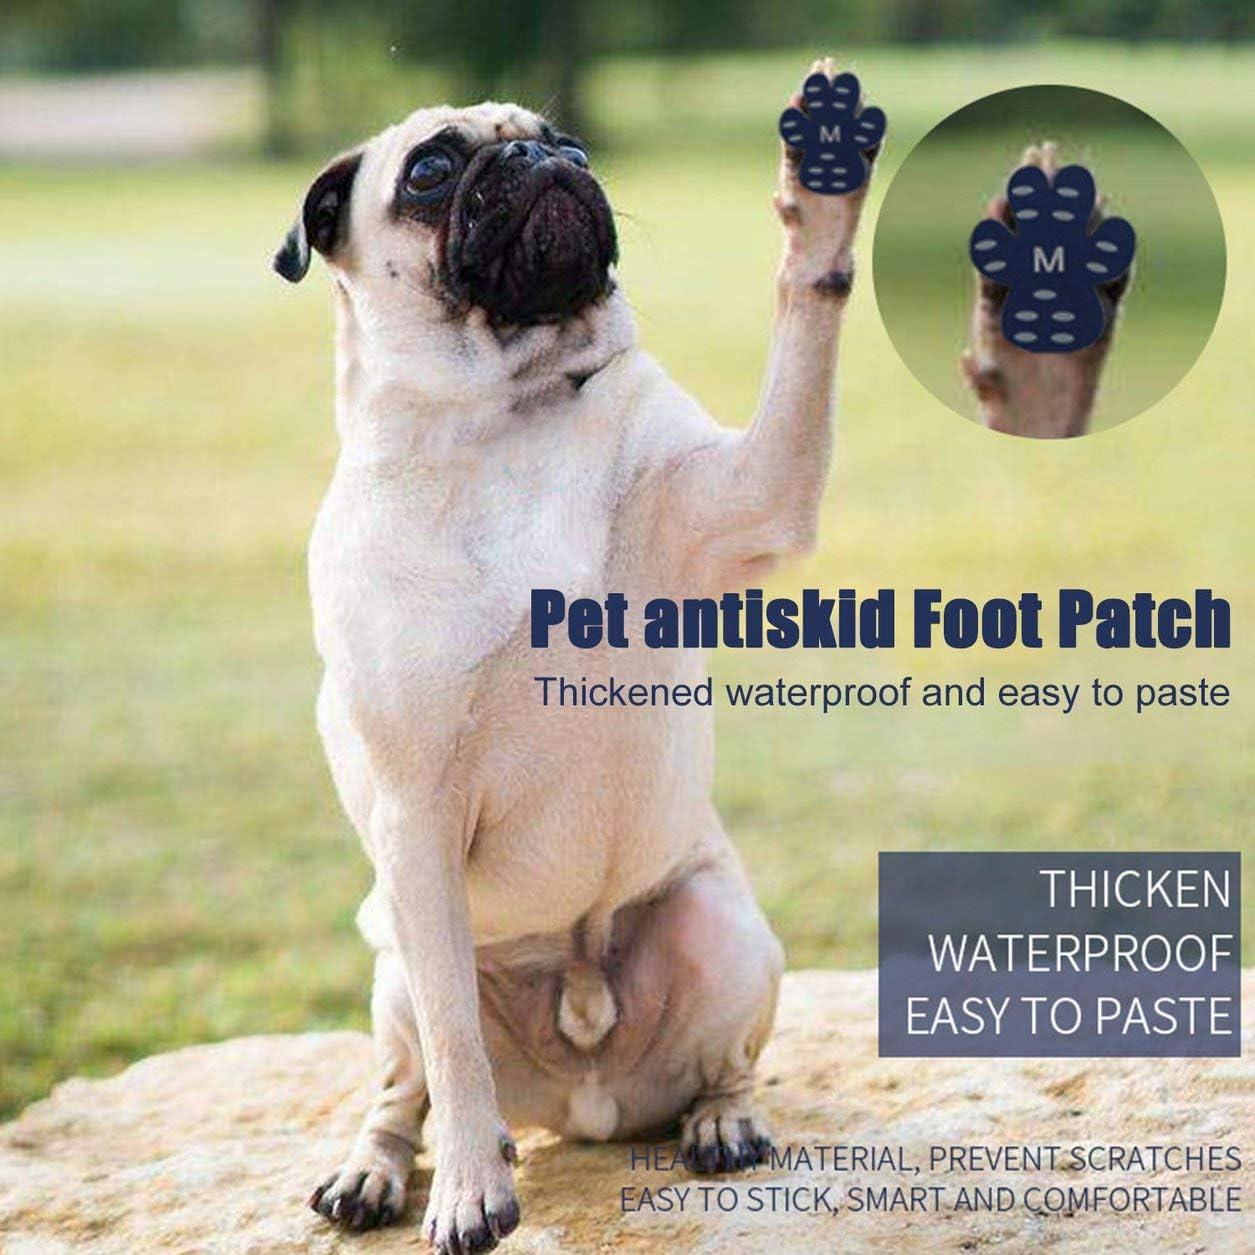 YXDS Parche de pie de Perro C/ómodo Protector de Pata de Perro Andsoft Suministros para Mascotas Antiara/ñazos Zapatos de Perro Gruesos Impermeables Parche de pie